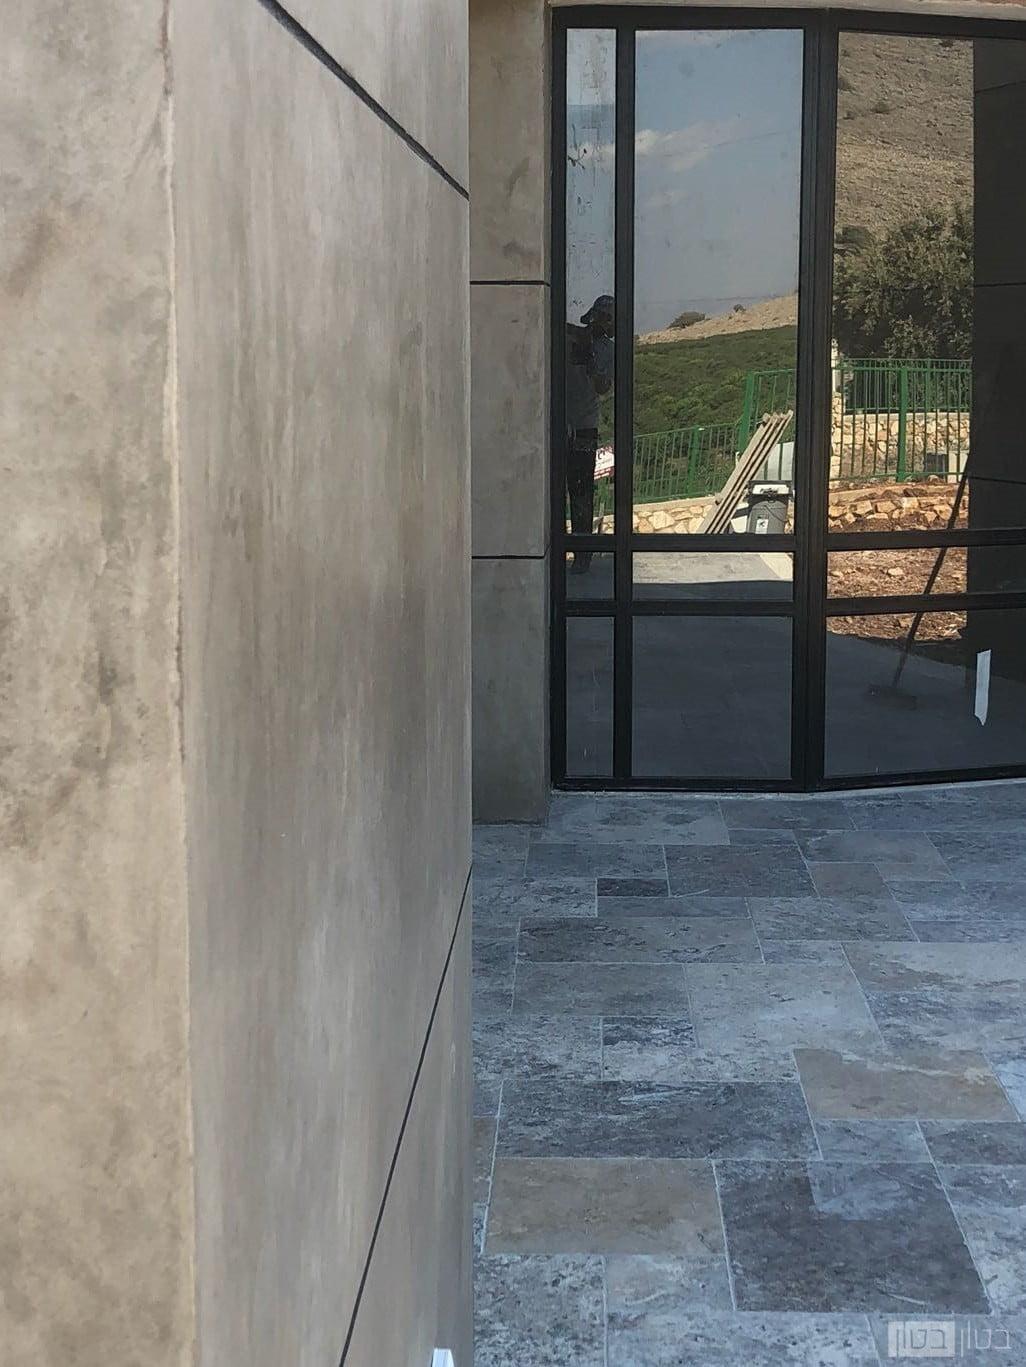 קיר בטון חיצוני לבניין